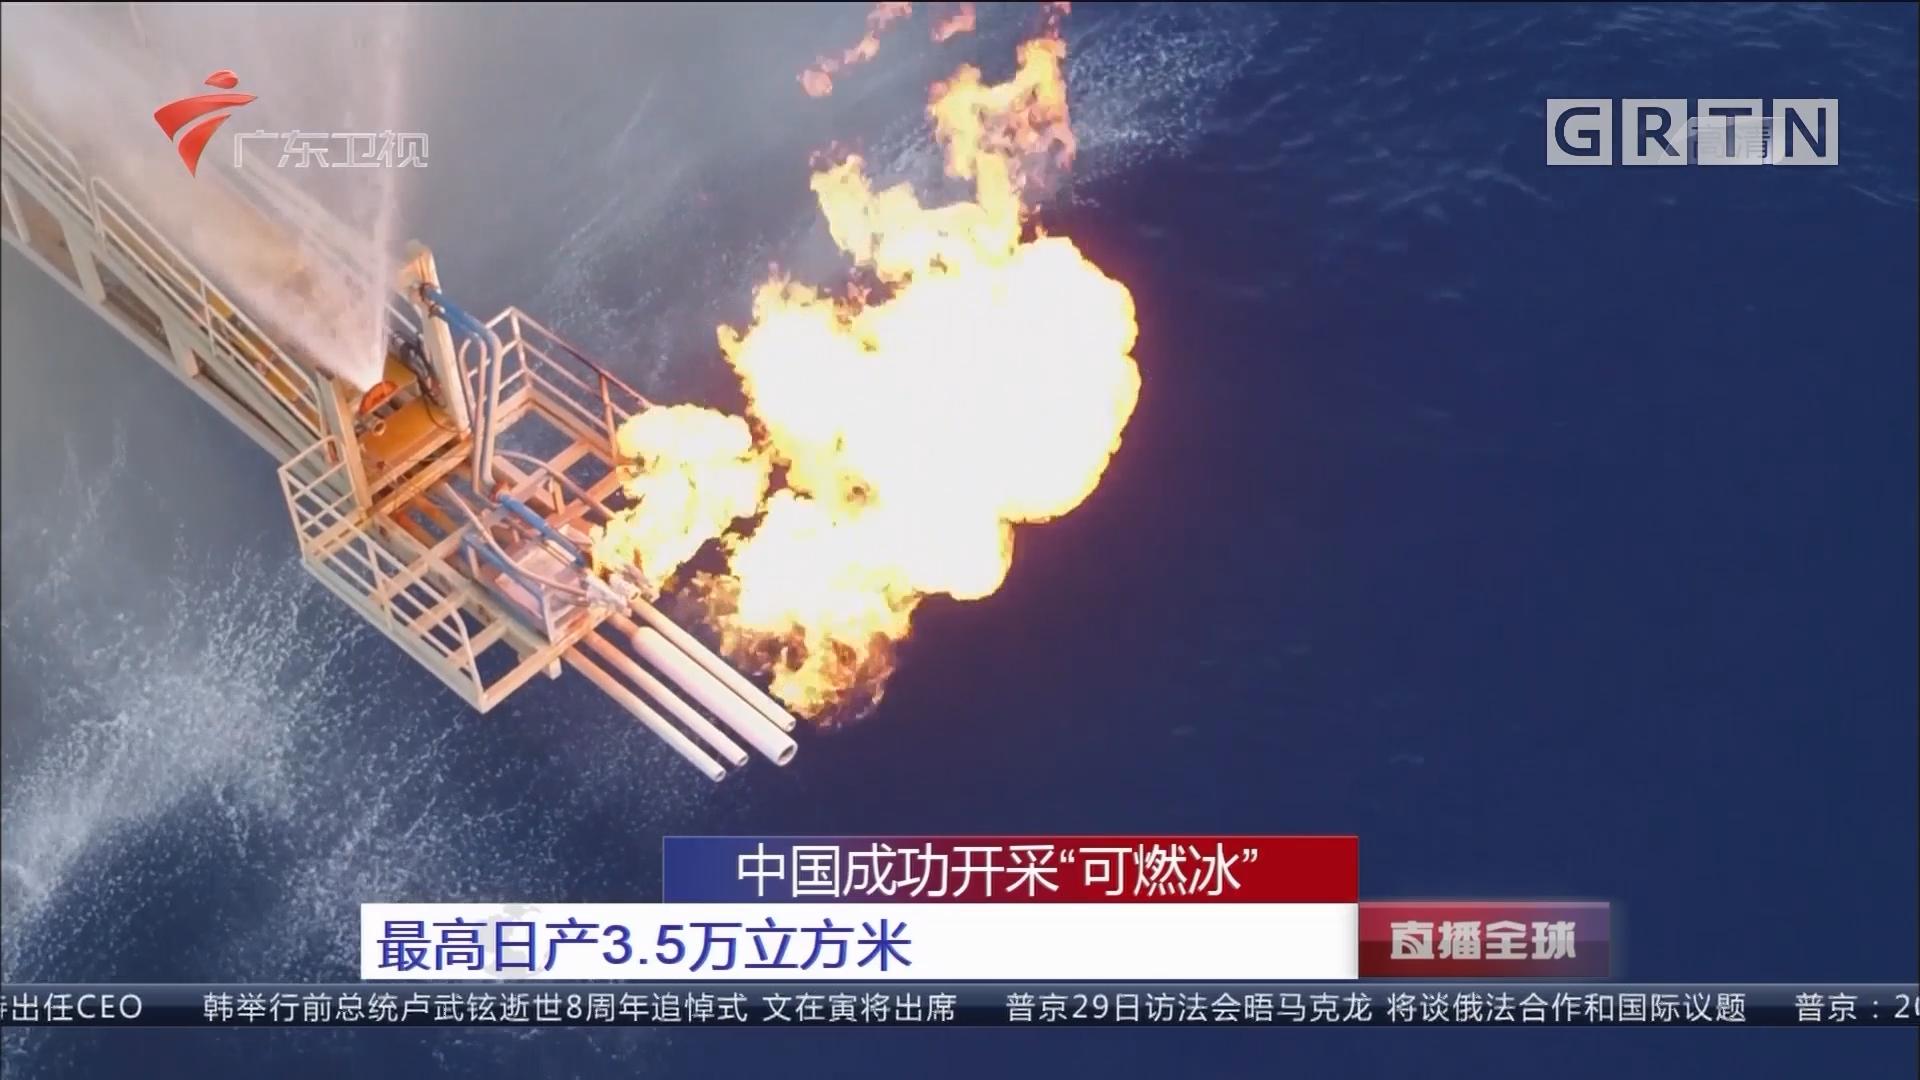 """中国成功开采""""可燃冰"""" 最高日产3.5万立方米"""